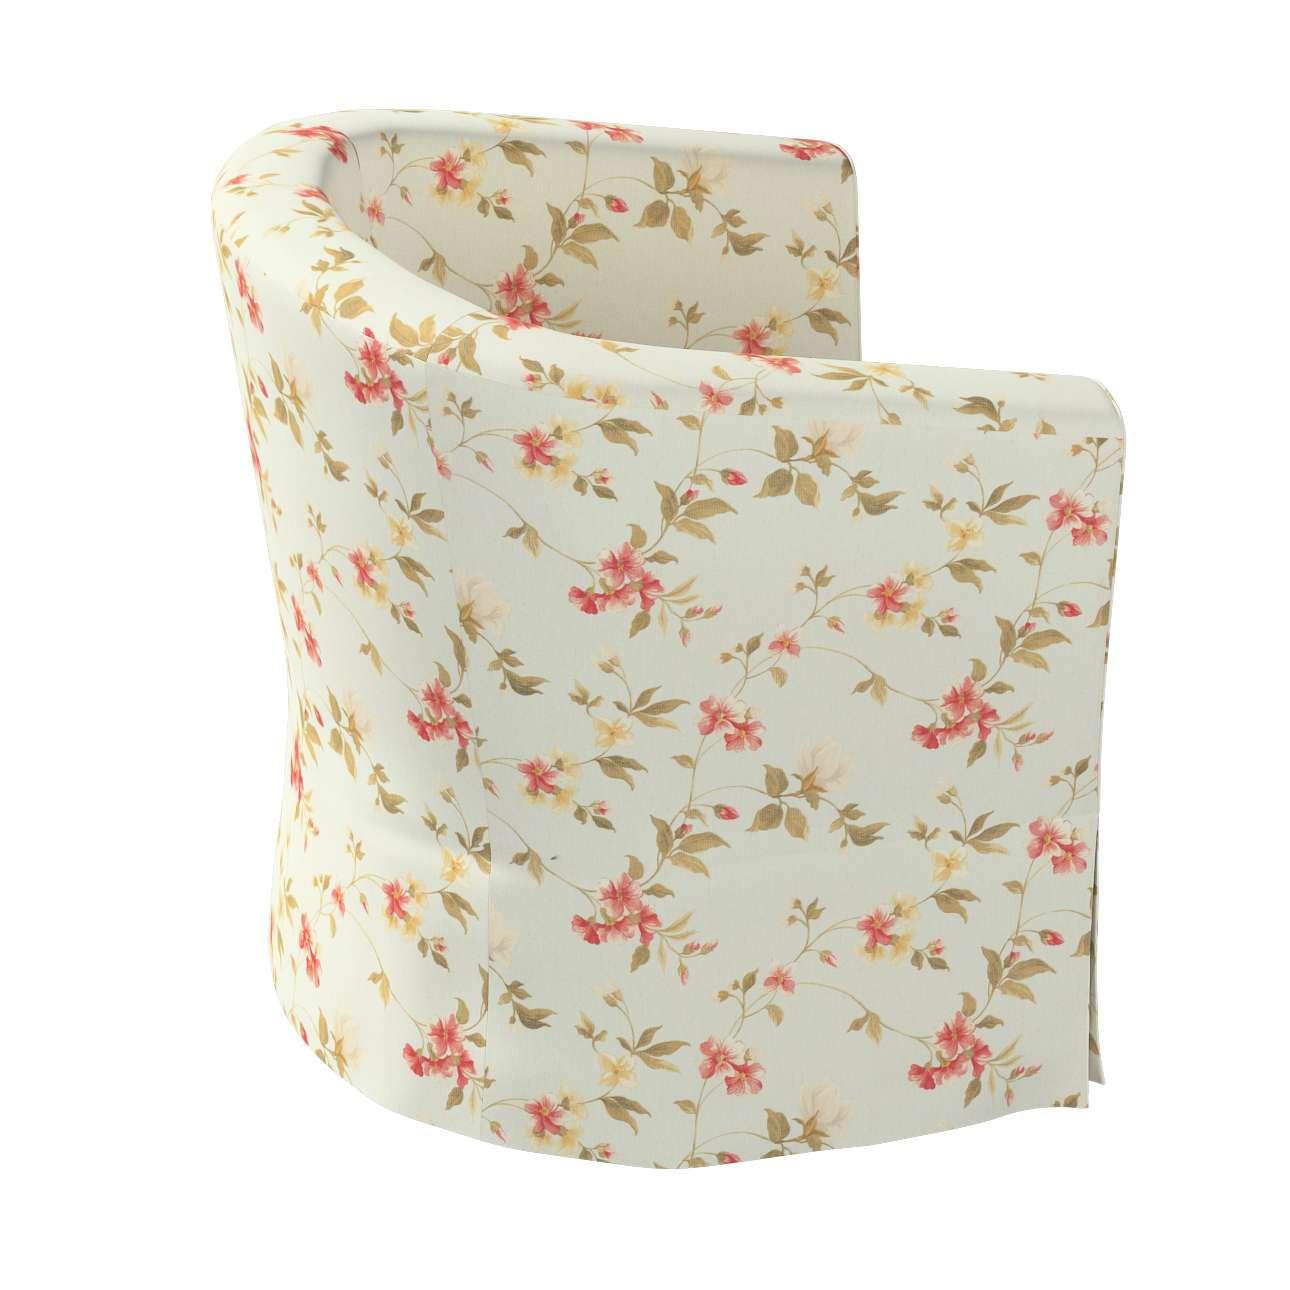 Pokrowiec na fotel Ektorp Tullsta w kolekcji Londres, tkanina: 124-65